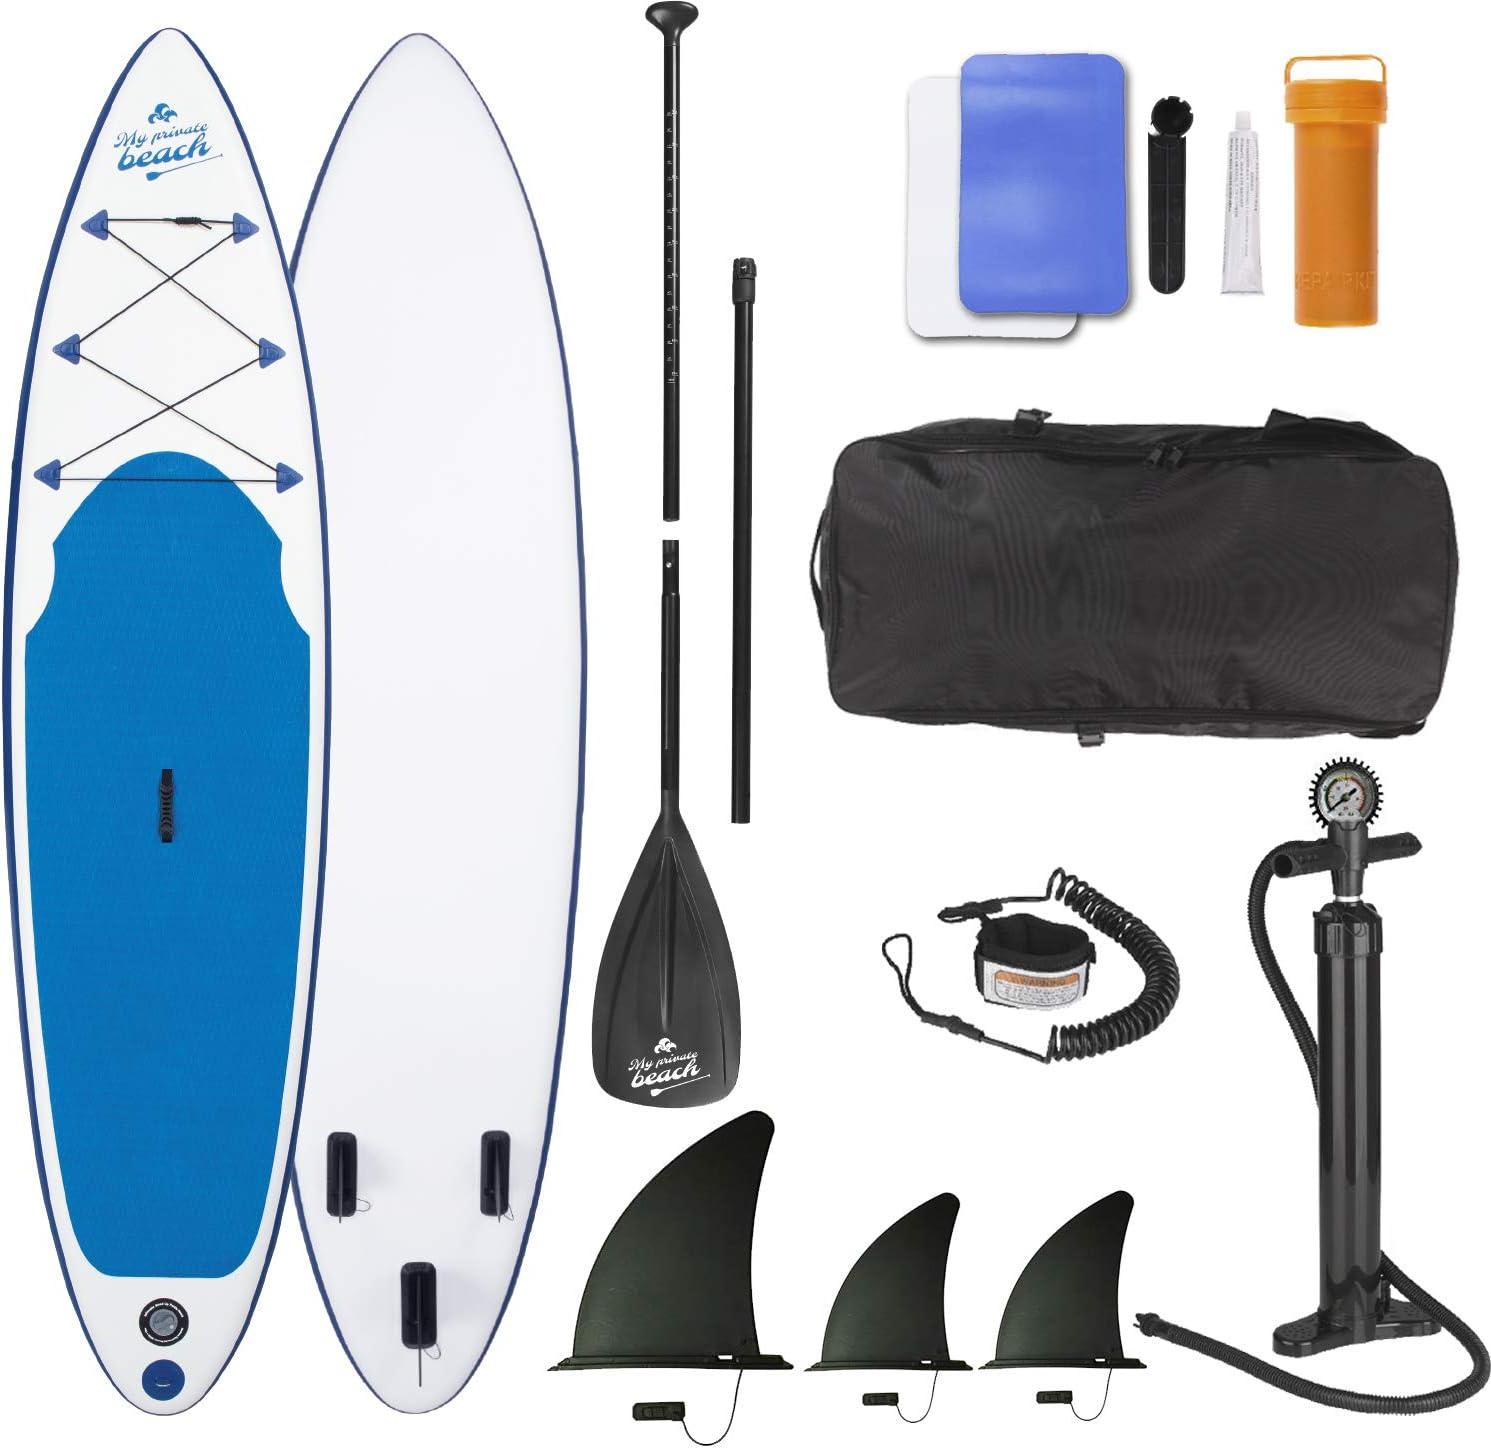 EASYmaxx Tabla de Padel de pie 320 cm My Private Beach de Primera Calidad | Incluye Bolsa de Transporte, Juego de reparación y Bomba de Doble Golpe, con una práctica asa de Transporte